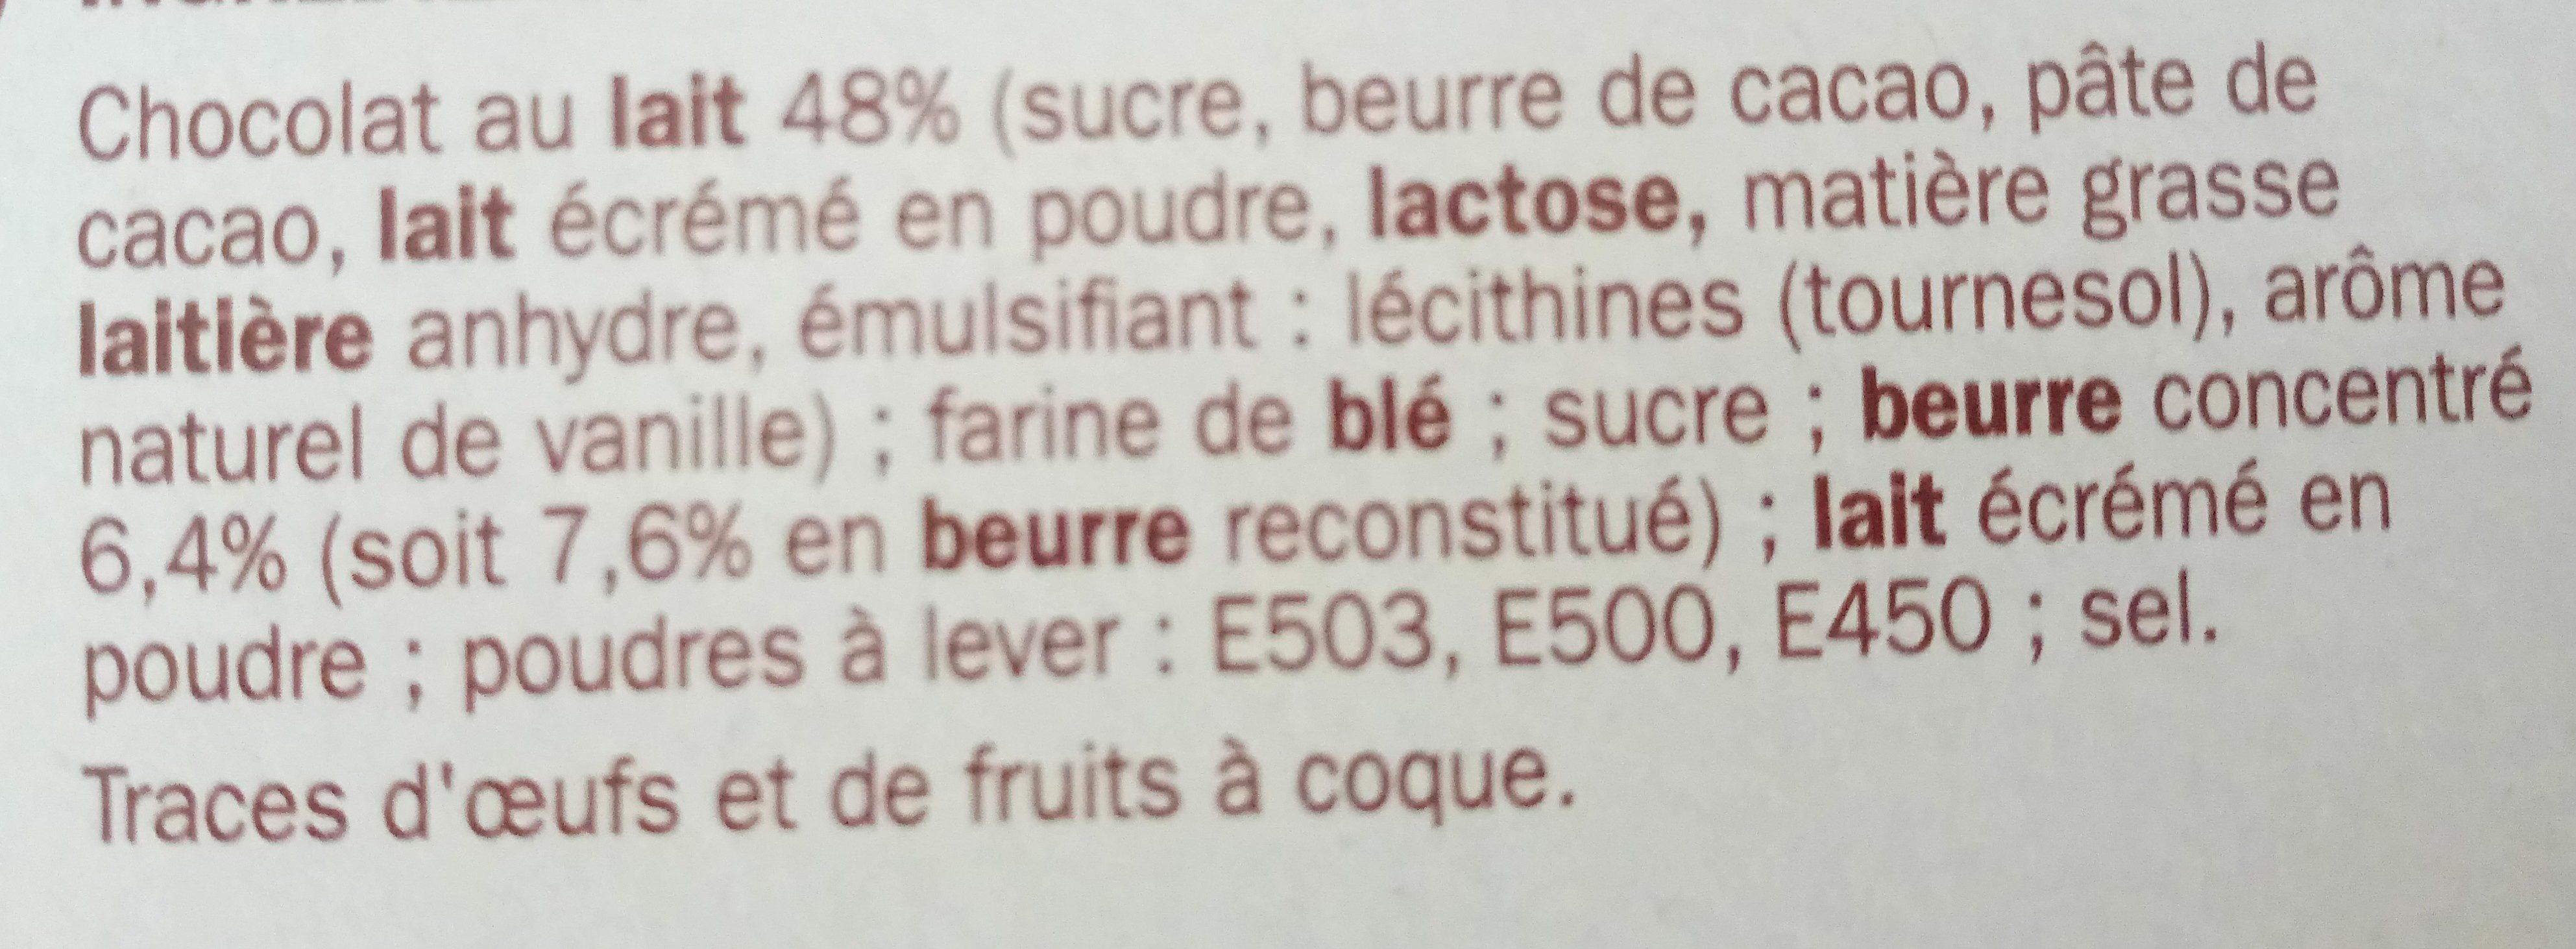 Biscuits tablette chocolat au lait - Ingrediënten - fr